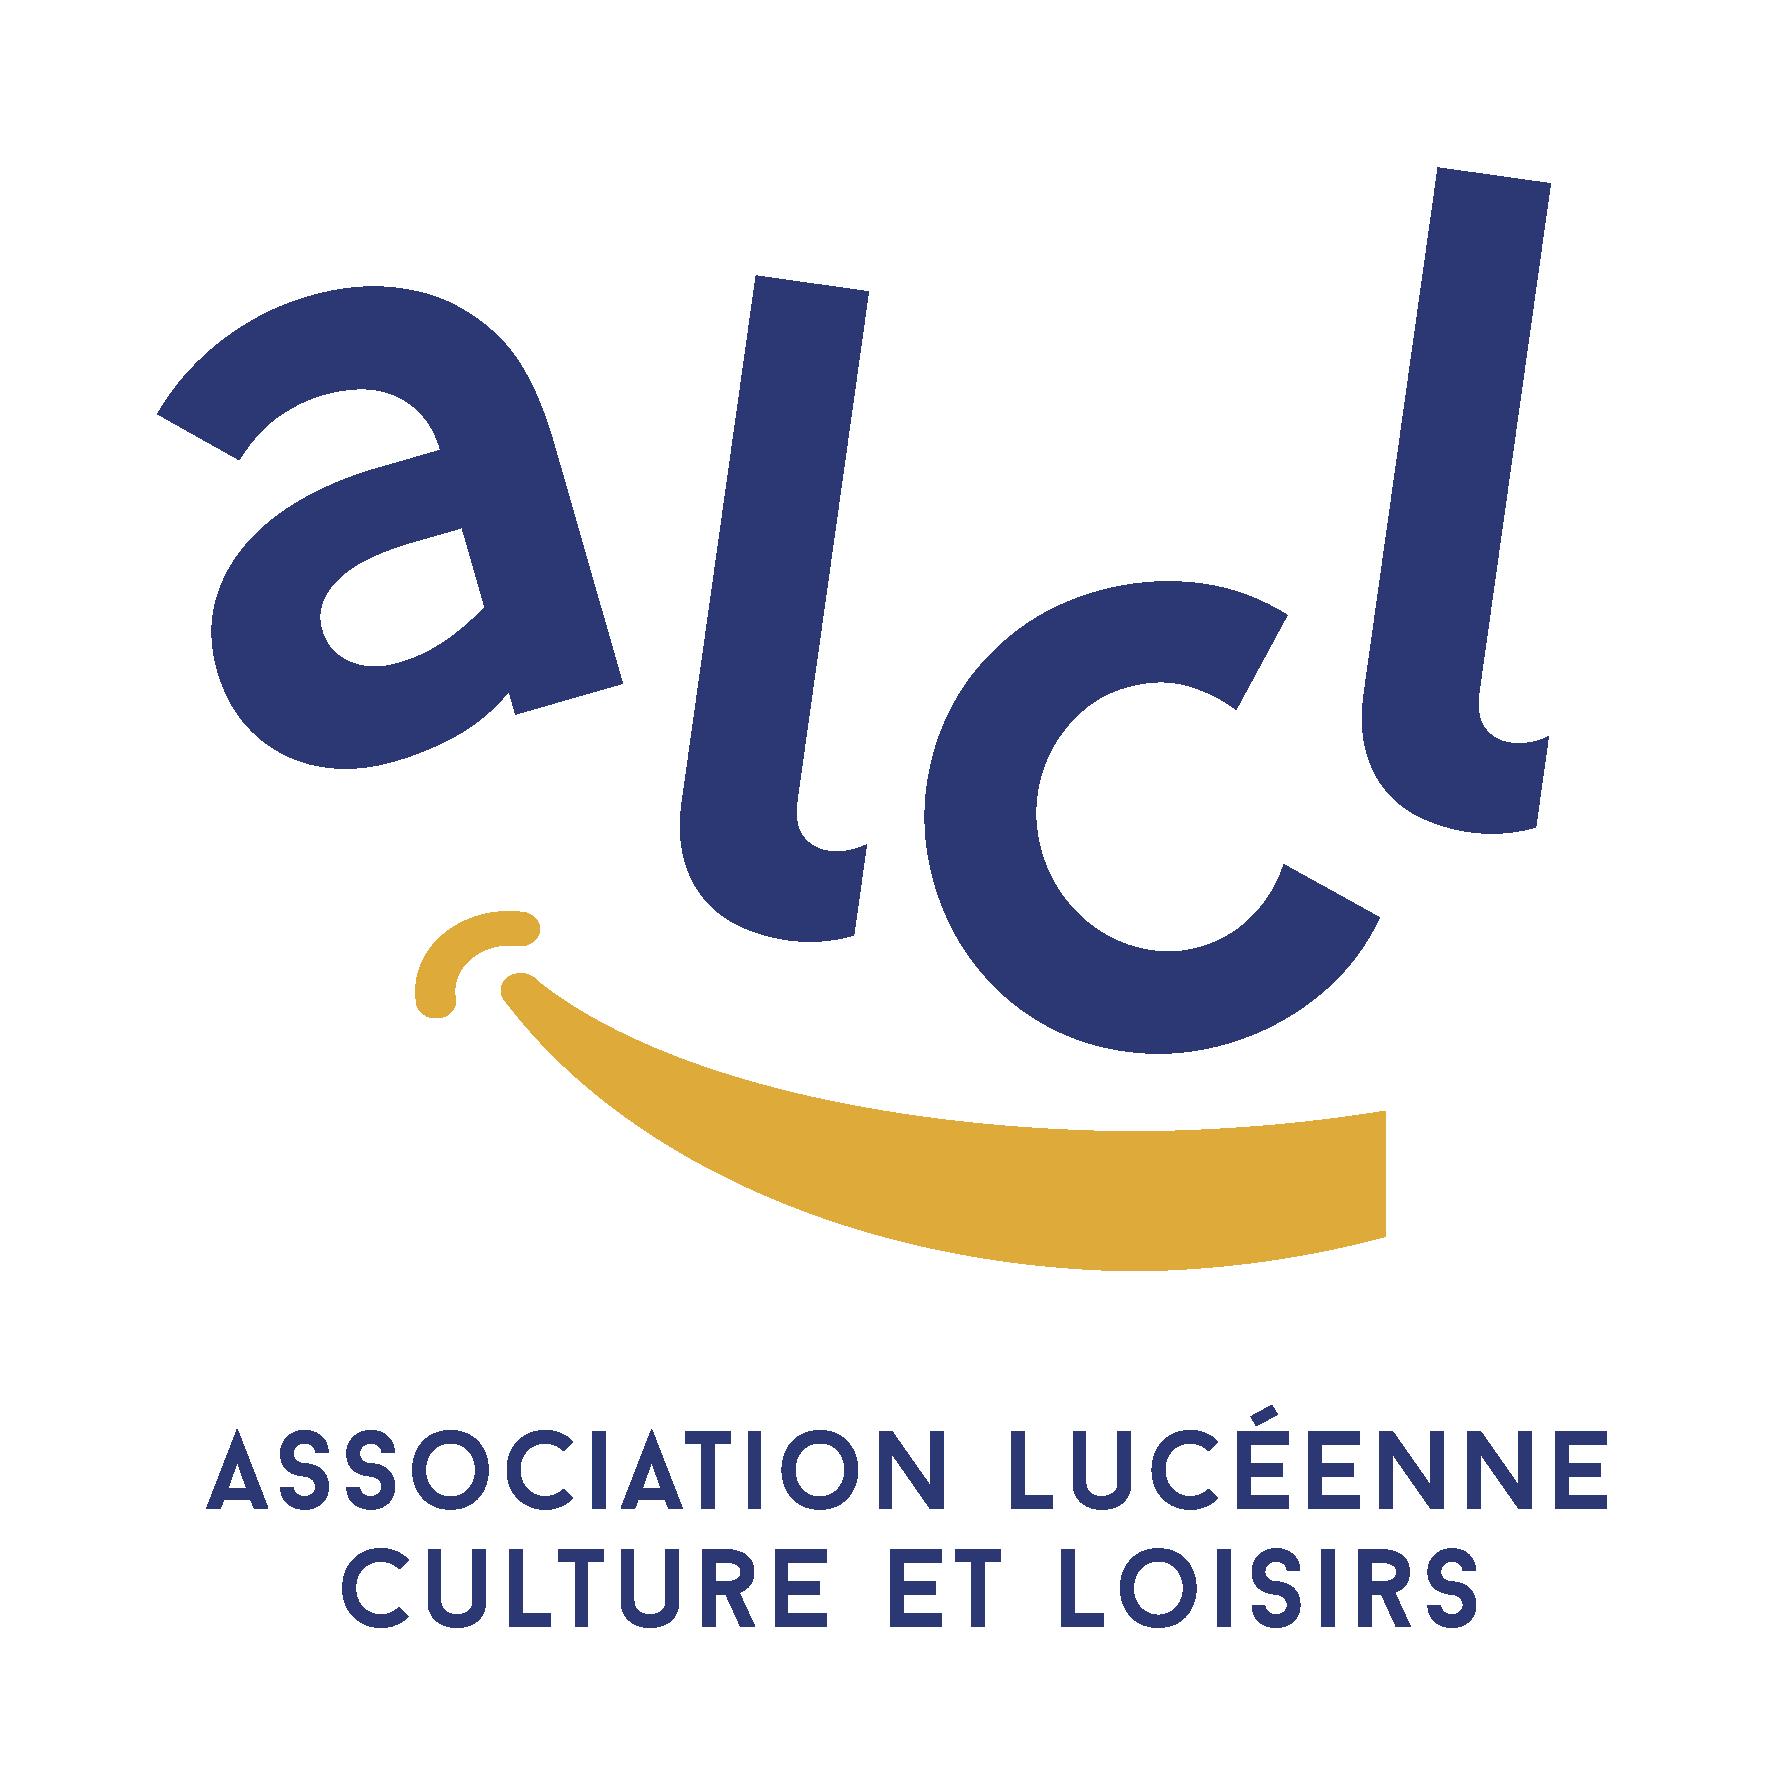 Association Lucéenne de Culture et Loisirs - ALCL Ste-Luce